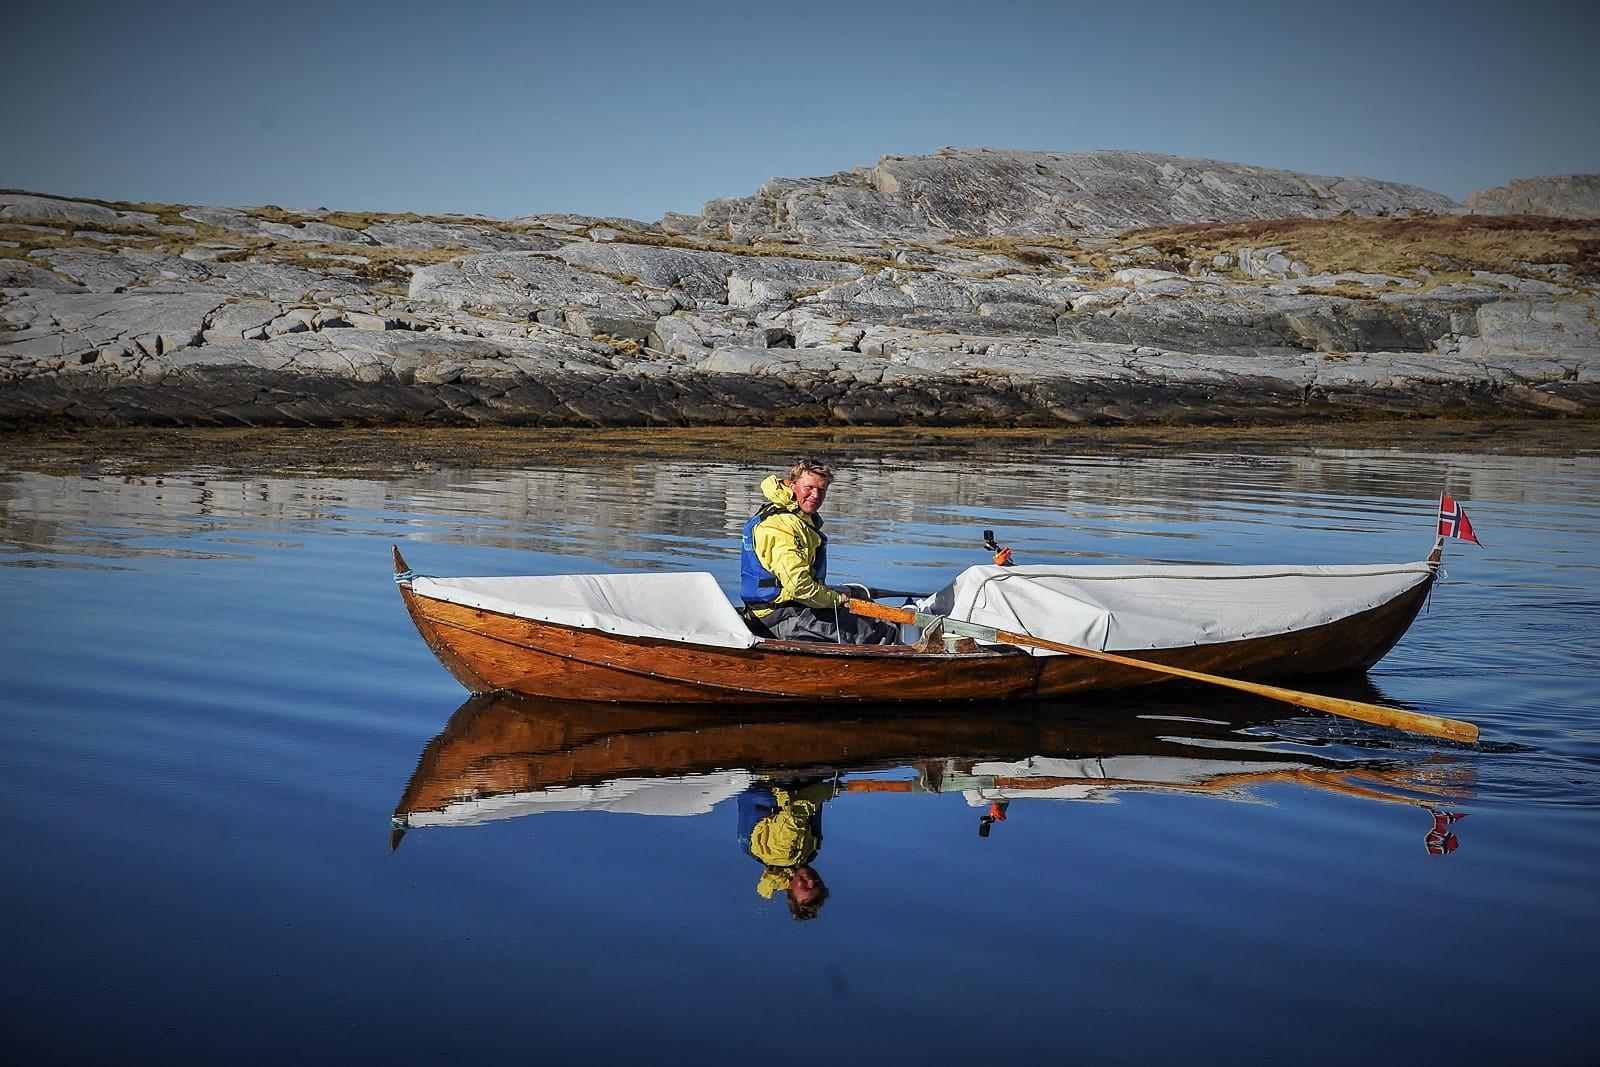 Από τη Νορβηγία στη Ρωσία με μία ξύλινη βάρκα